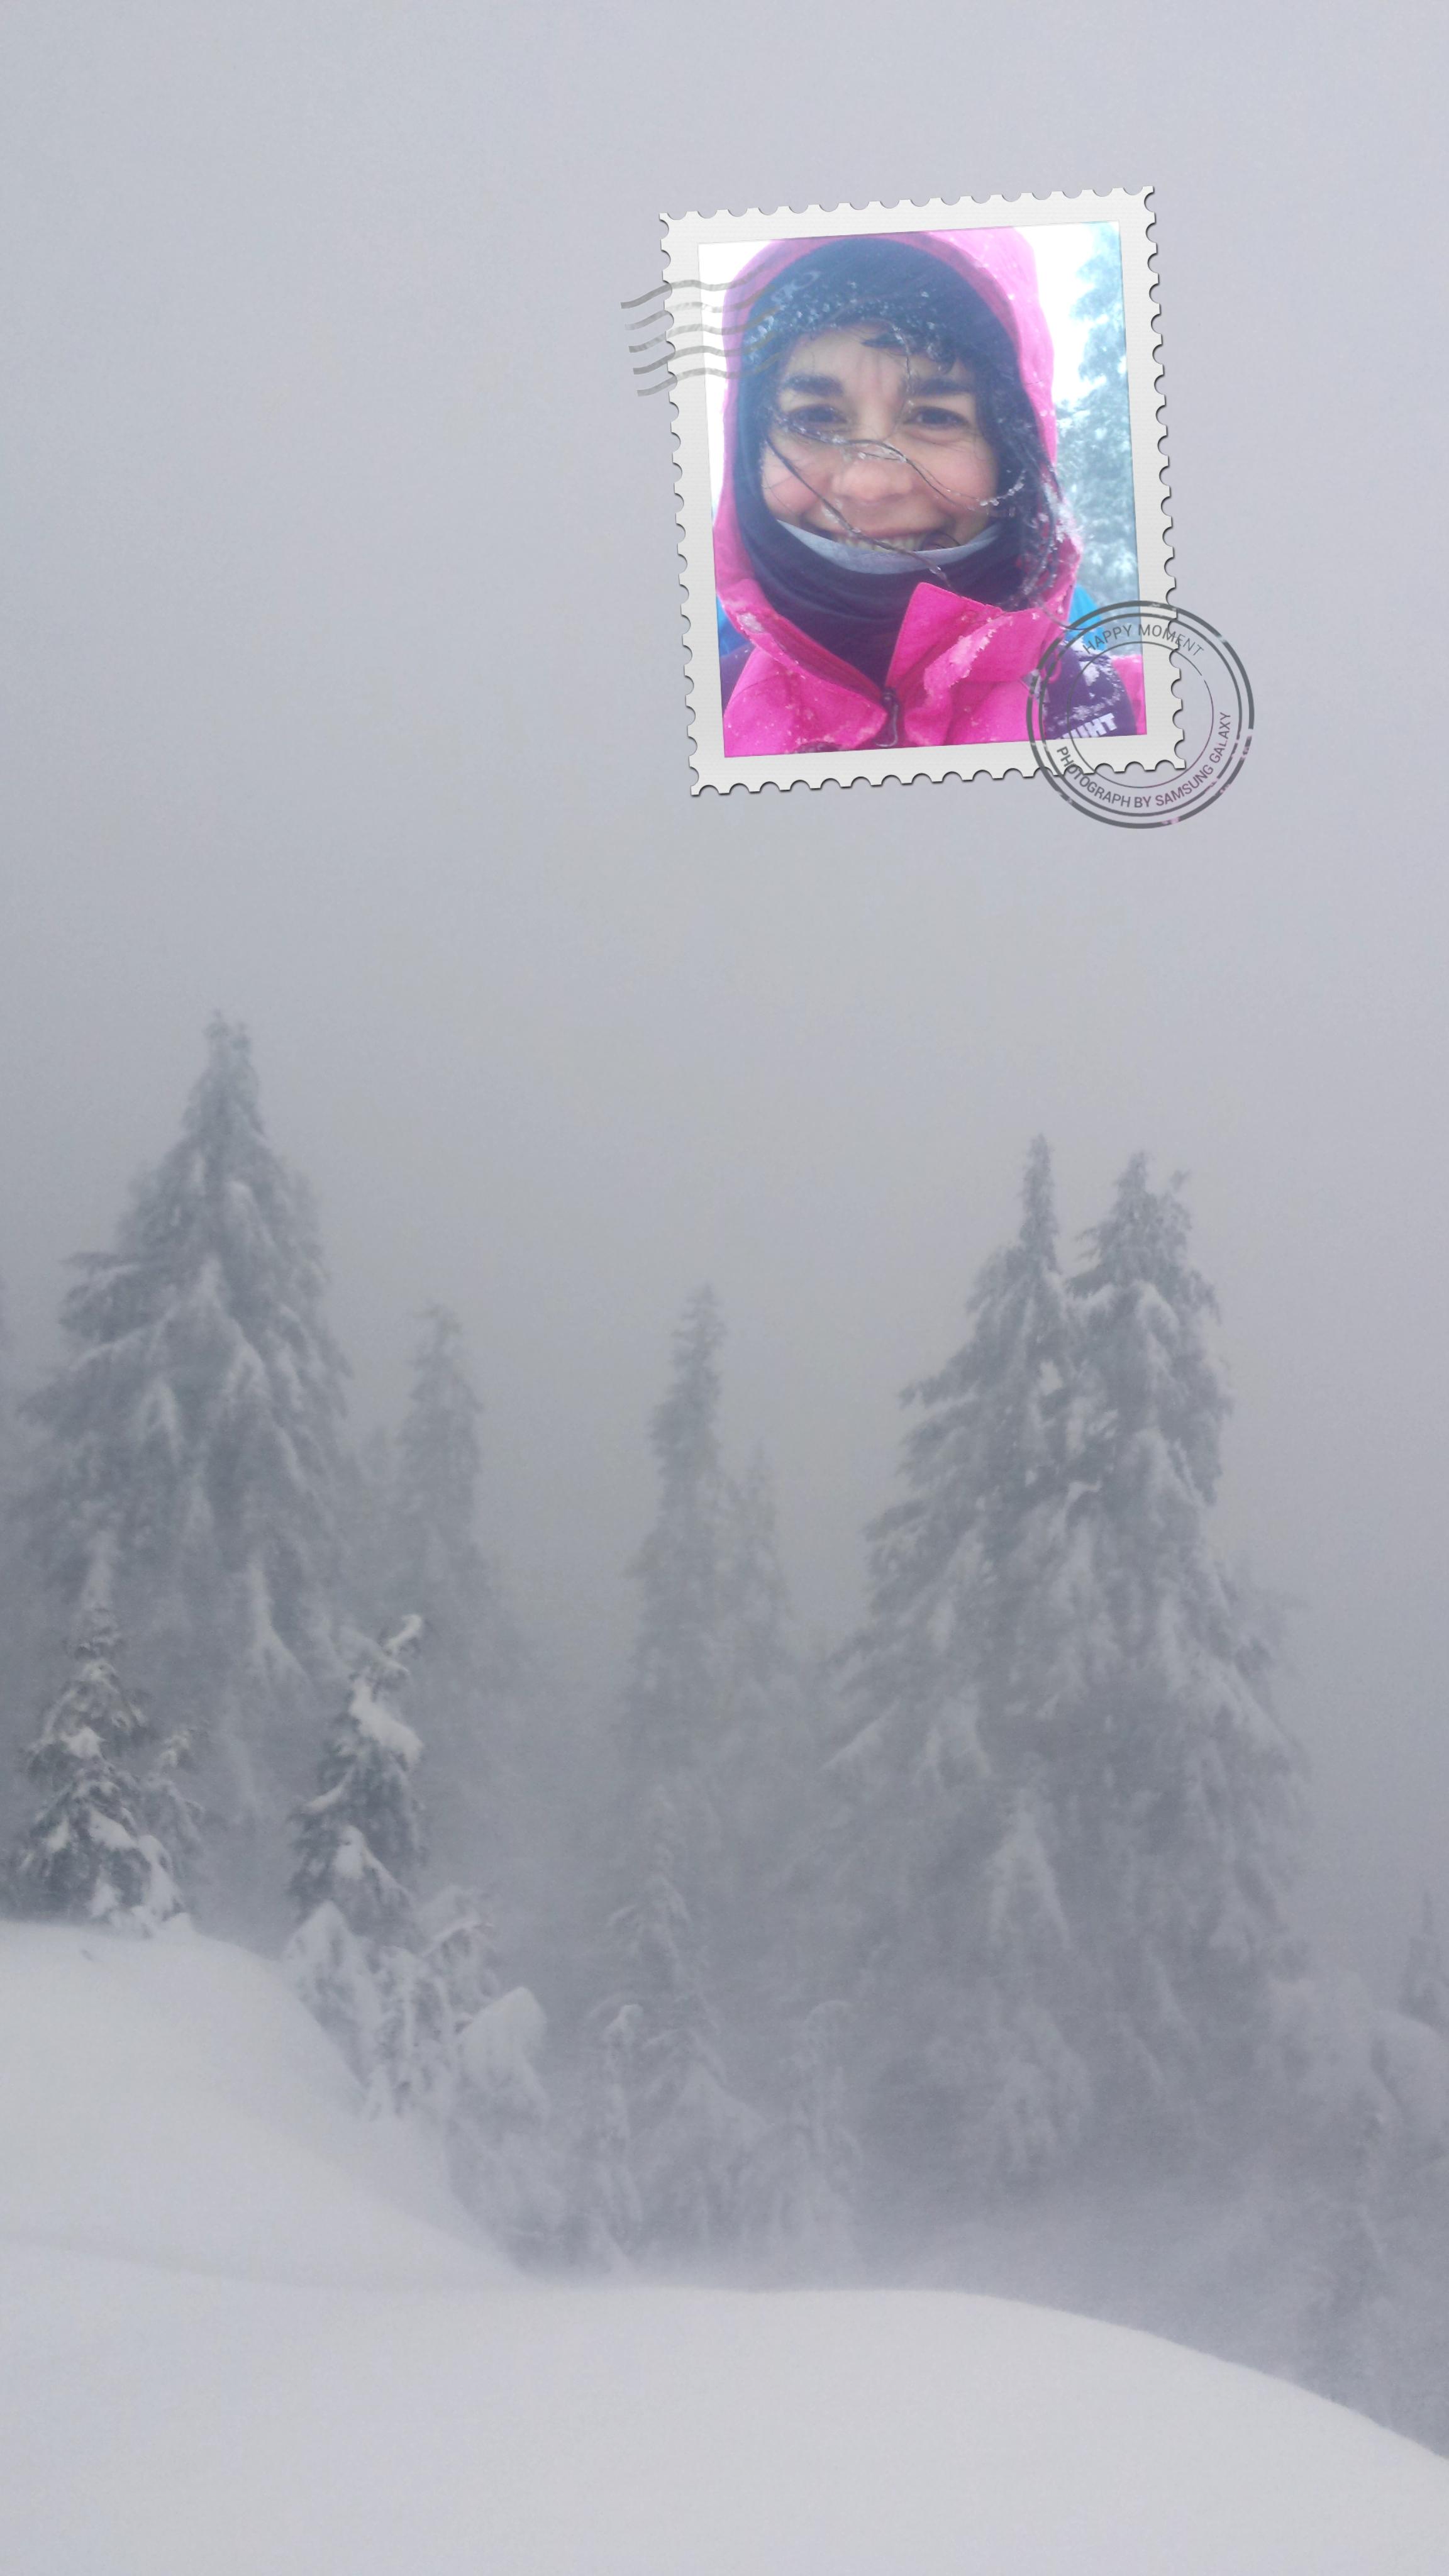 20151212_115845 (2).jpg